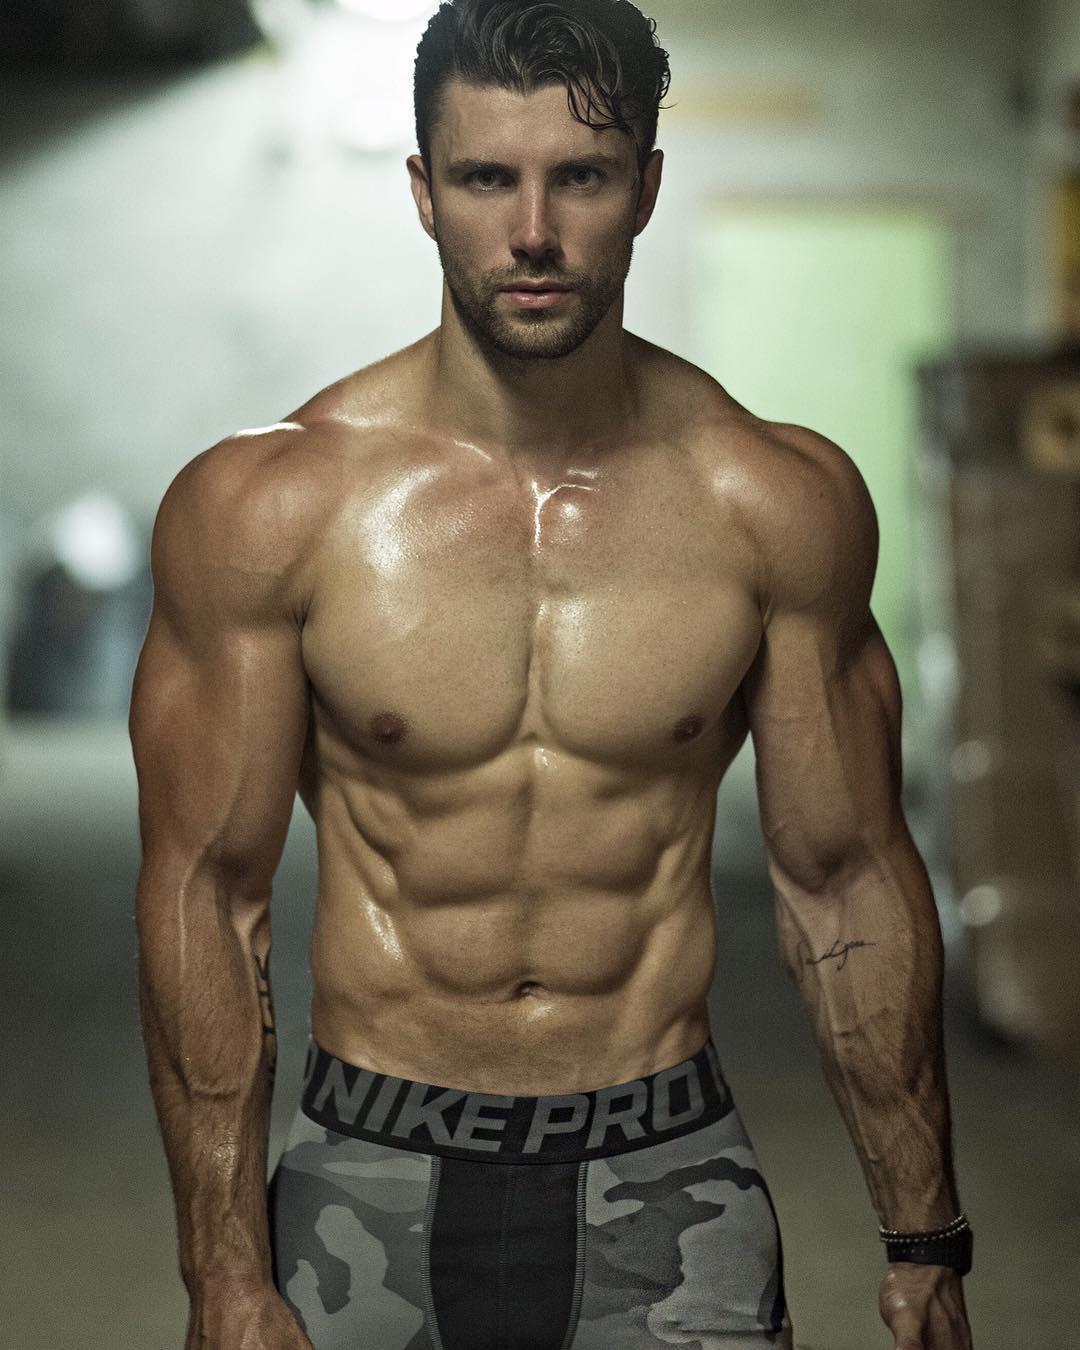 И.с. кон - нагой мужчина в искусстве и в жизни. мускулистая маскулинность. атлетизм или милитаризм?